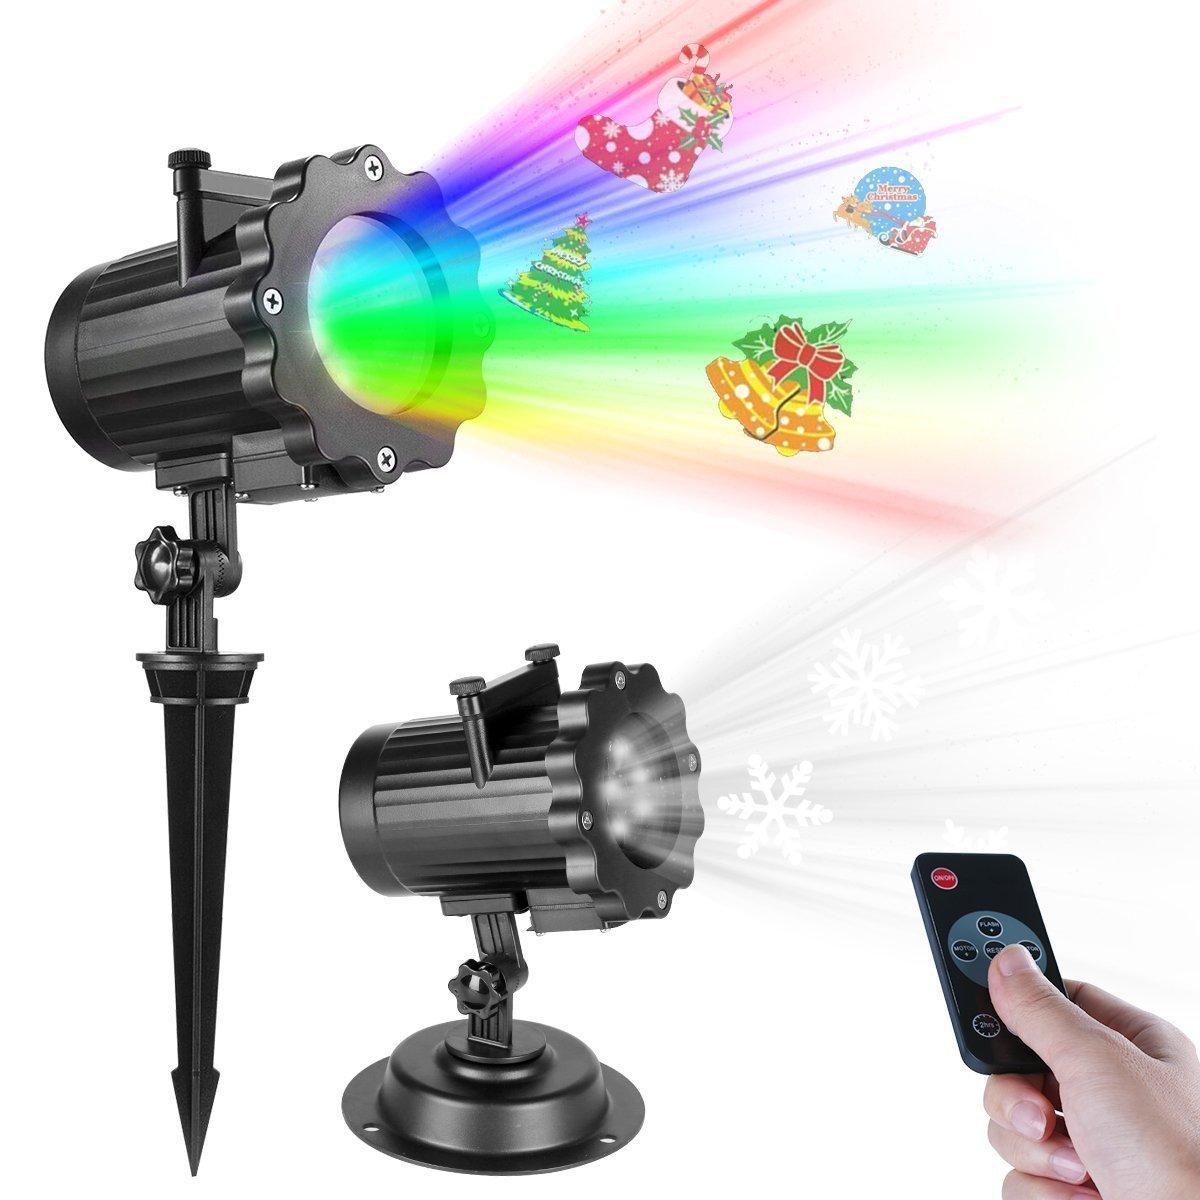 Projecteur Noël LED Extérieur Lampe Lumière avec télécommande RF minuterie automatique de marche / arrêt, étanche LED Paysage Spot Lampes d'atmosphère Effet de Vidéoprojecteur Lumière … TTKTK